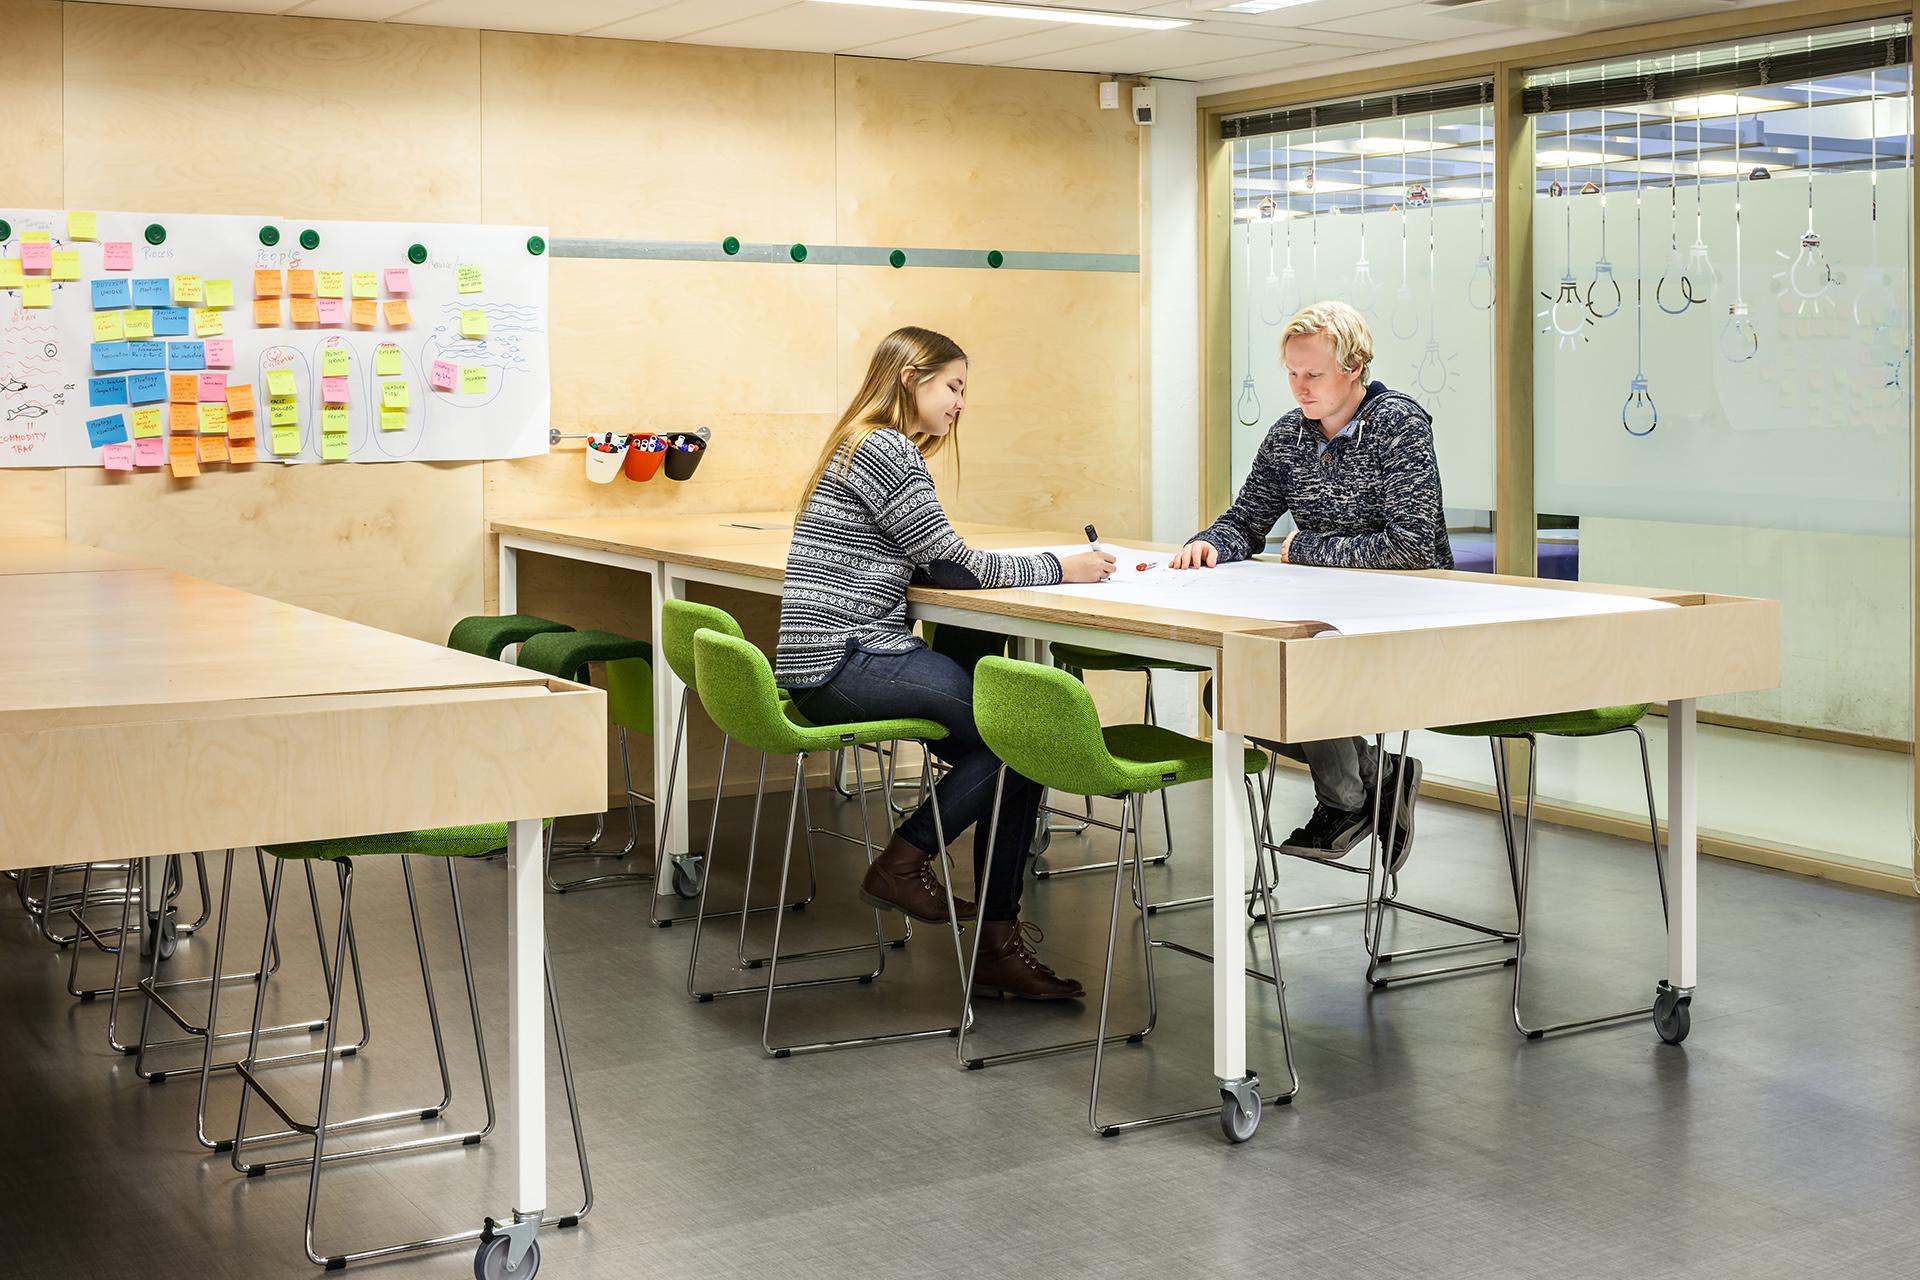 Opiskelijoiden pajatyöskentelyn tiloihin suunniteltiin muunneltavia kalusteratkaisuja ja toiminnallisia pintoja.